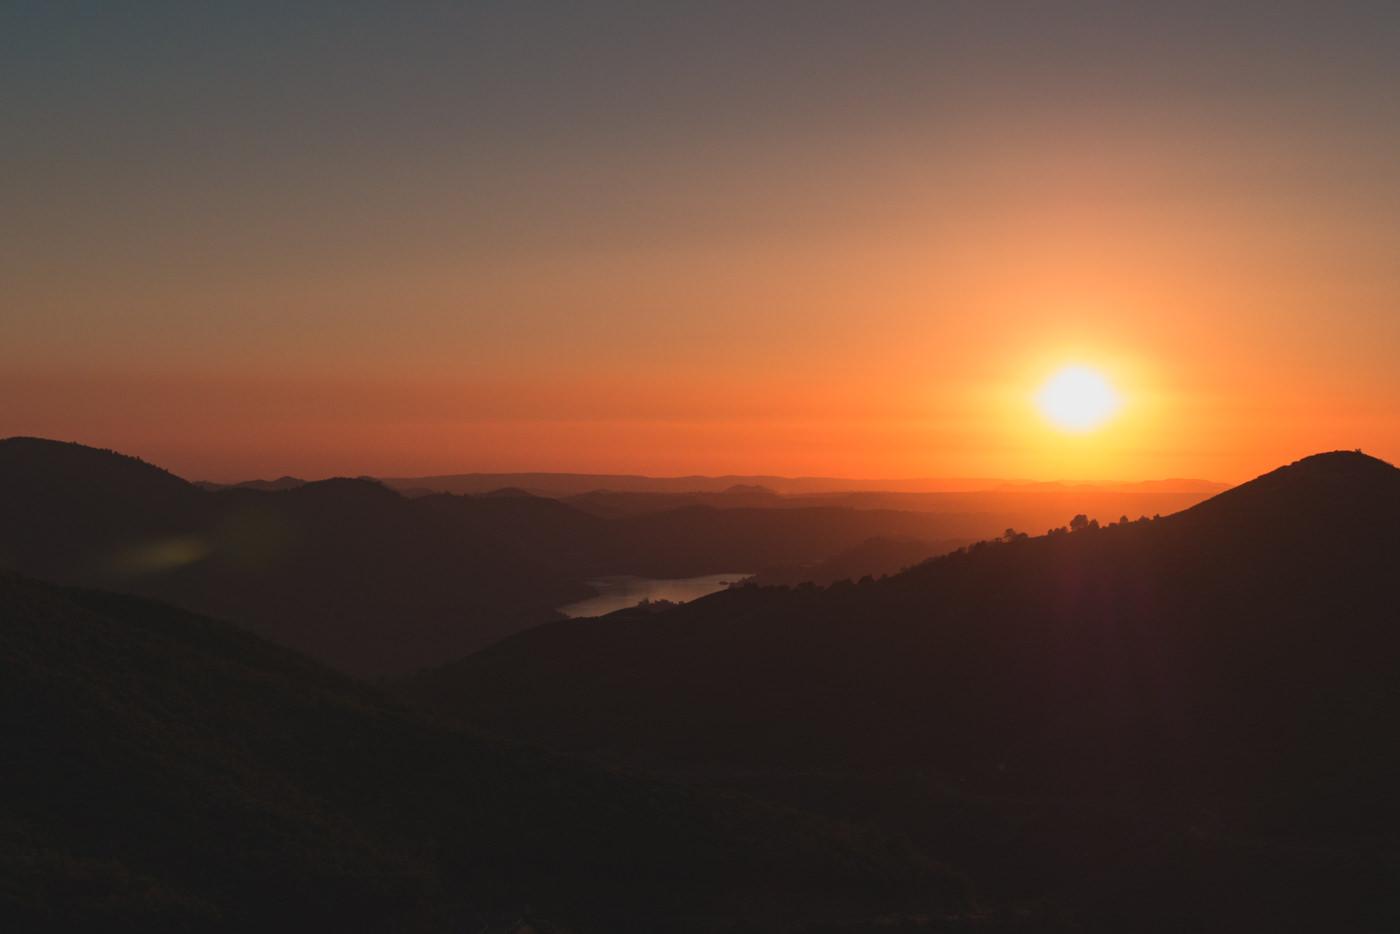 Sonnenuntergang in der Nähe des Yosemite Nationalparks